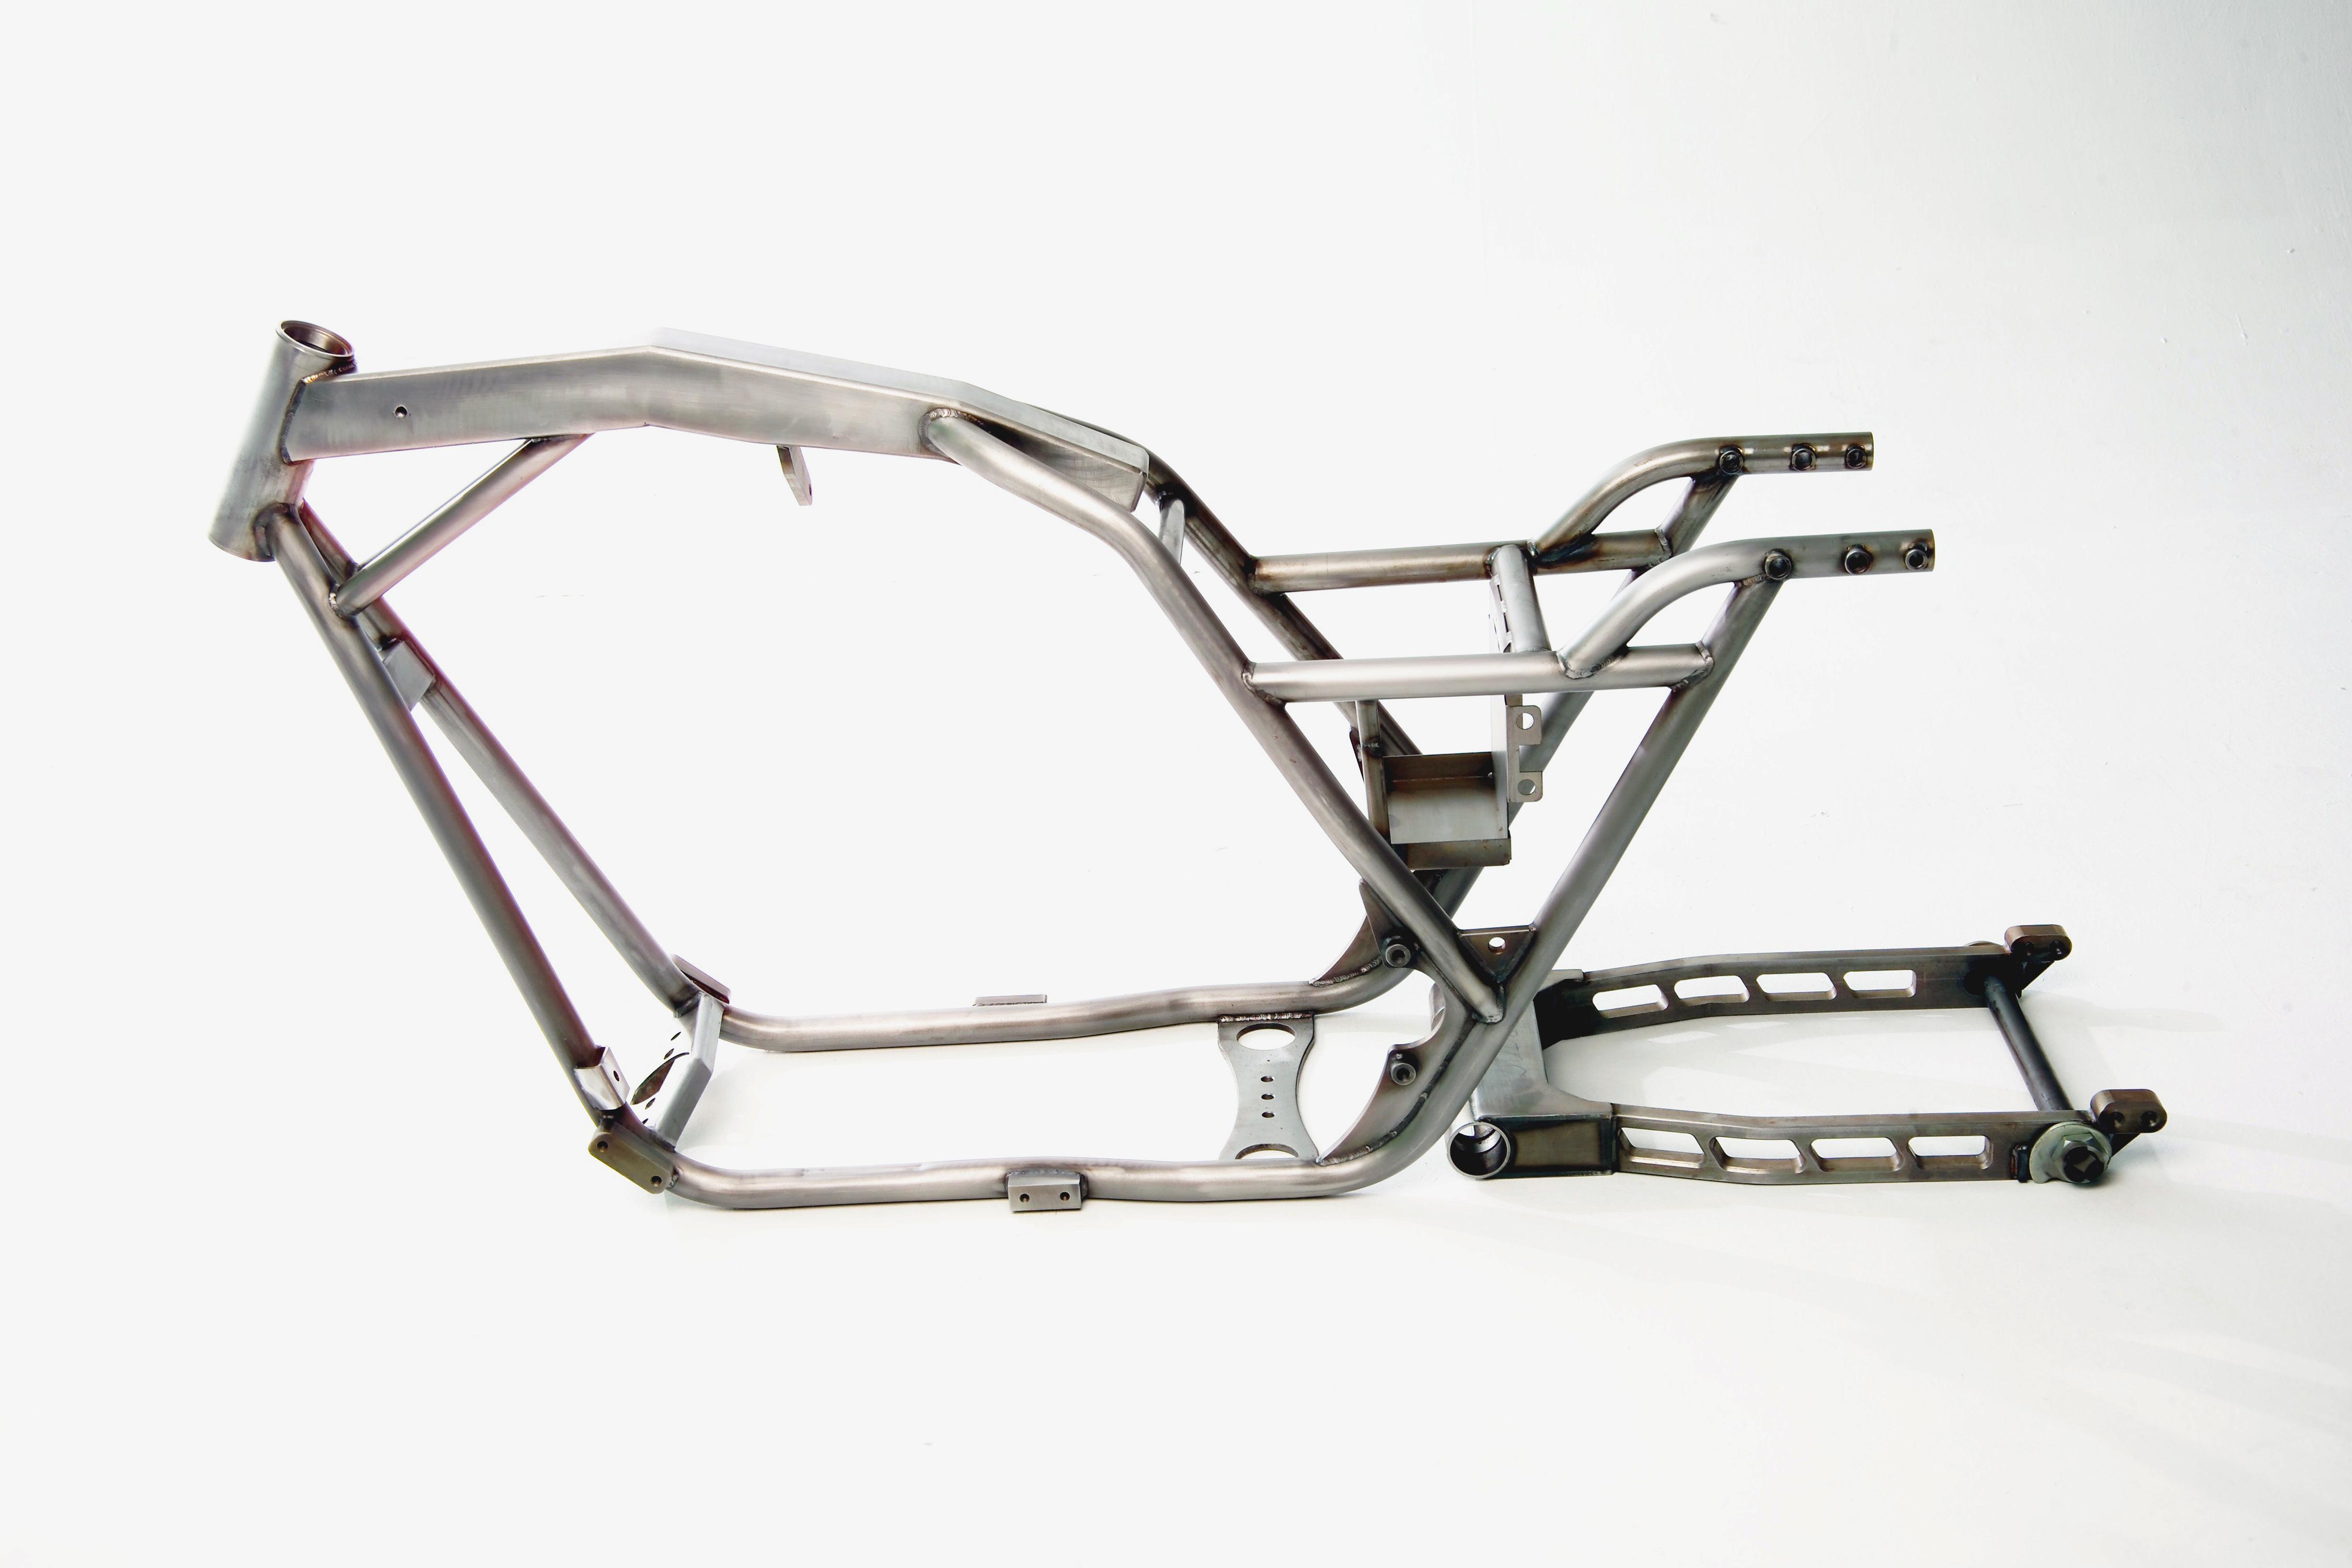 Chopper Guys CPI Custom Built FXR Motorcycle Frames